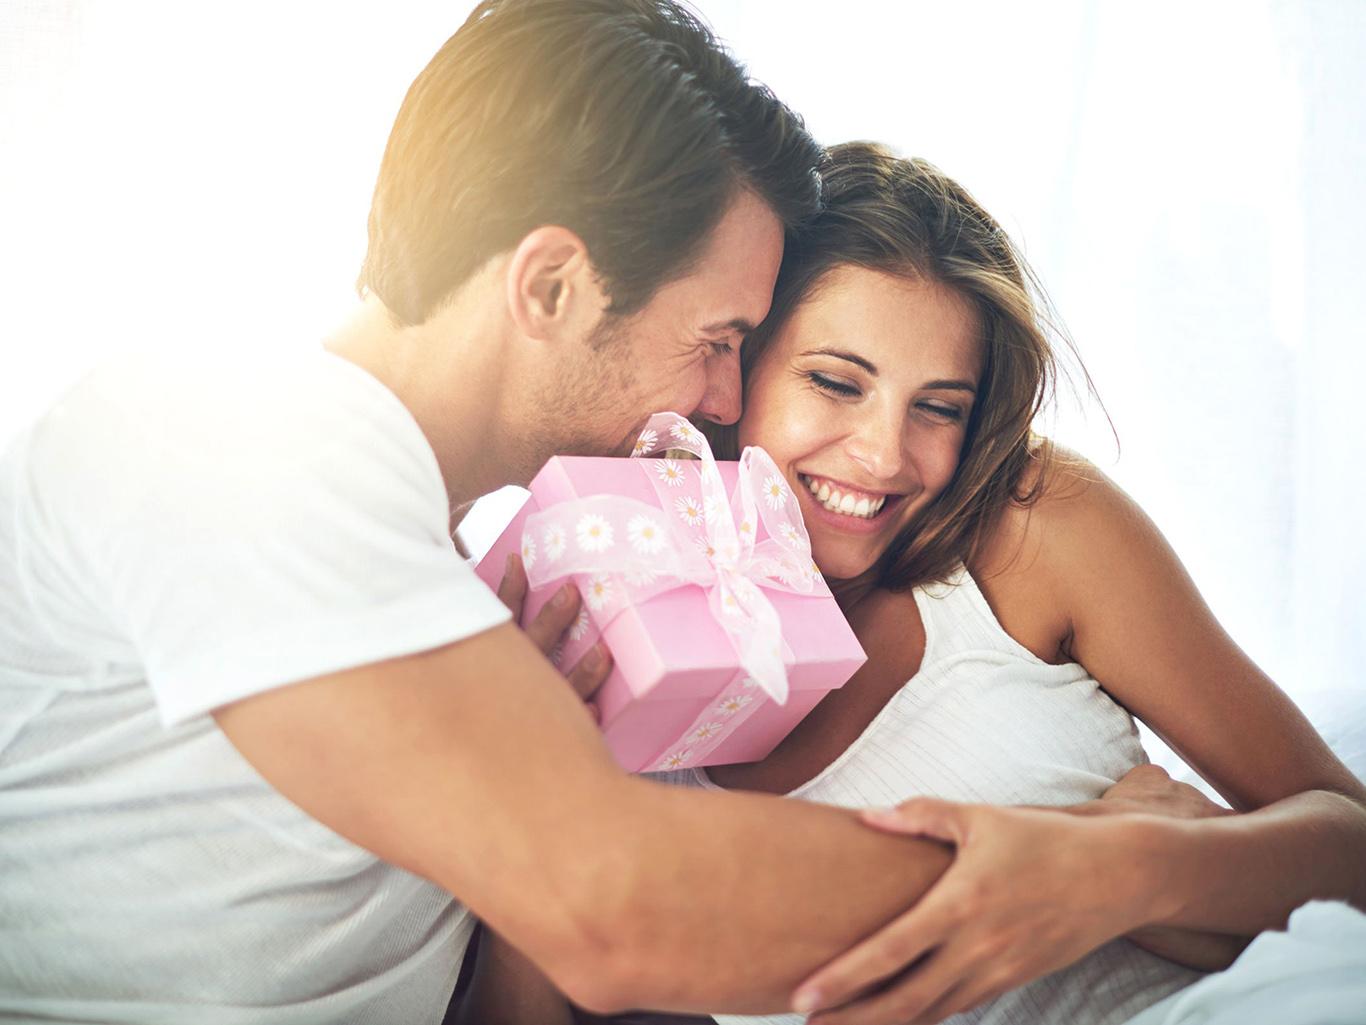 Руководство для возлюбленных оригинальный гид любви и секса смотреть